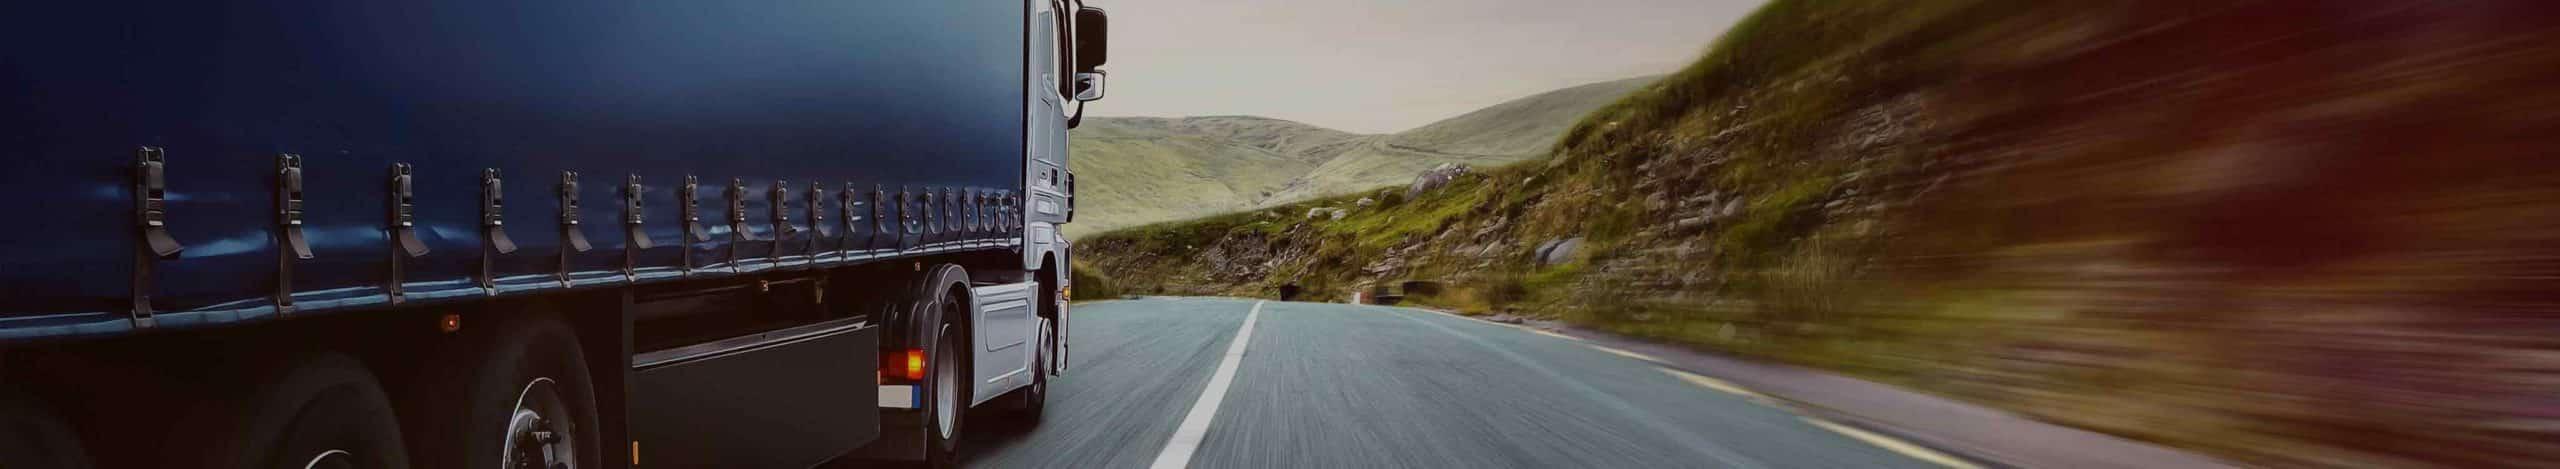 Ein Truck, der auf einer Straße Fracht, in Form von Paletten und Gitterboxen, transportiert.